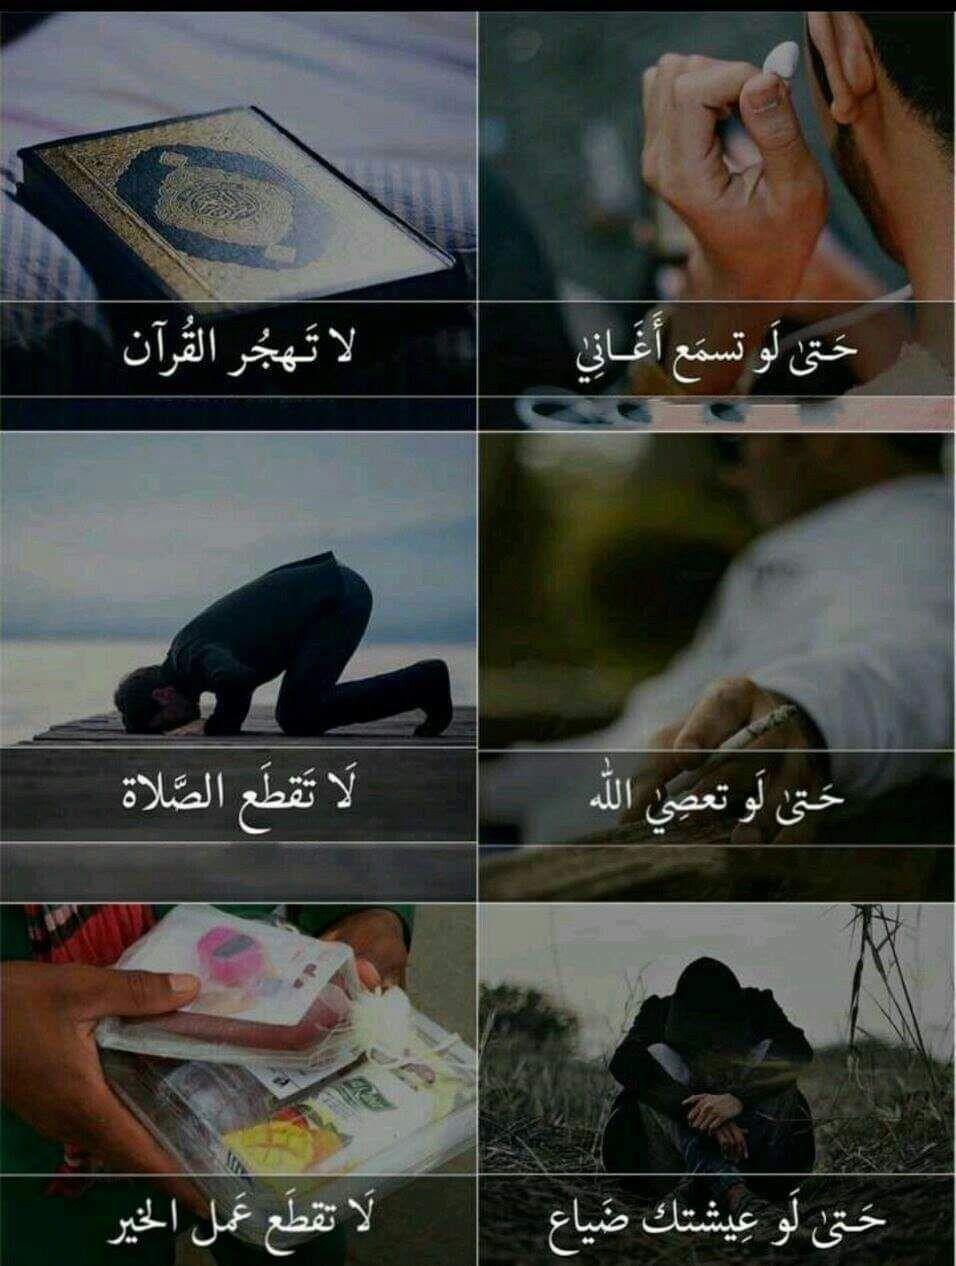 خواطر اسلامية تويتر Funny Arabic Quotes Islamic Phrases Islamic Inspirational Quotes